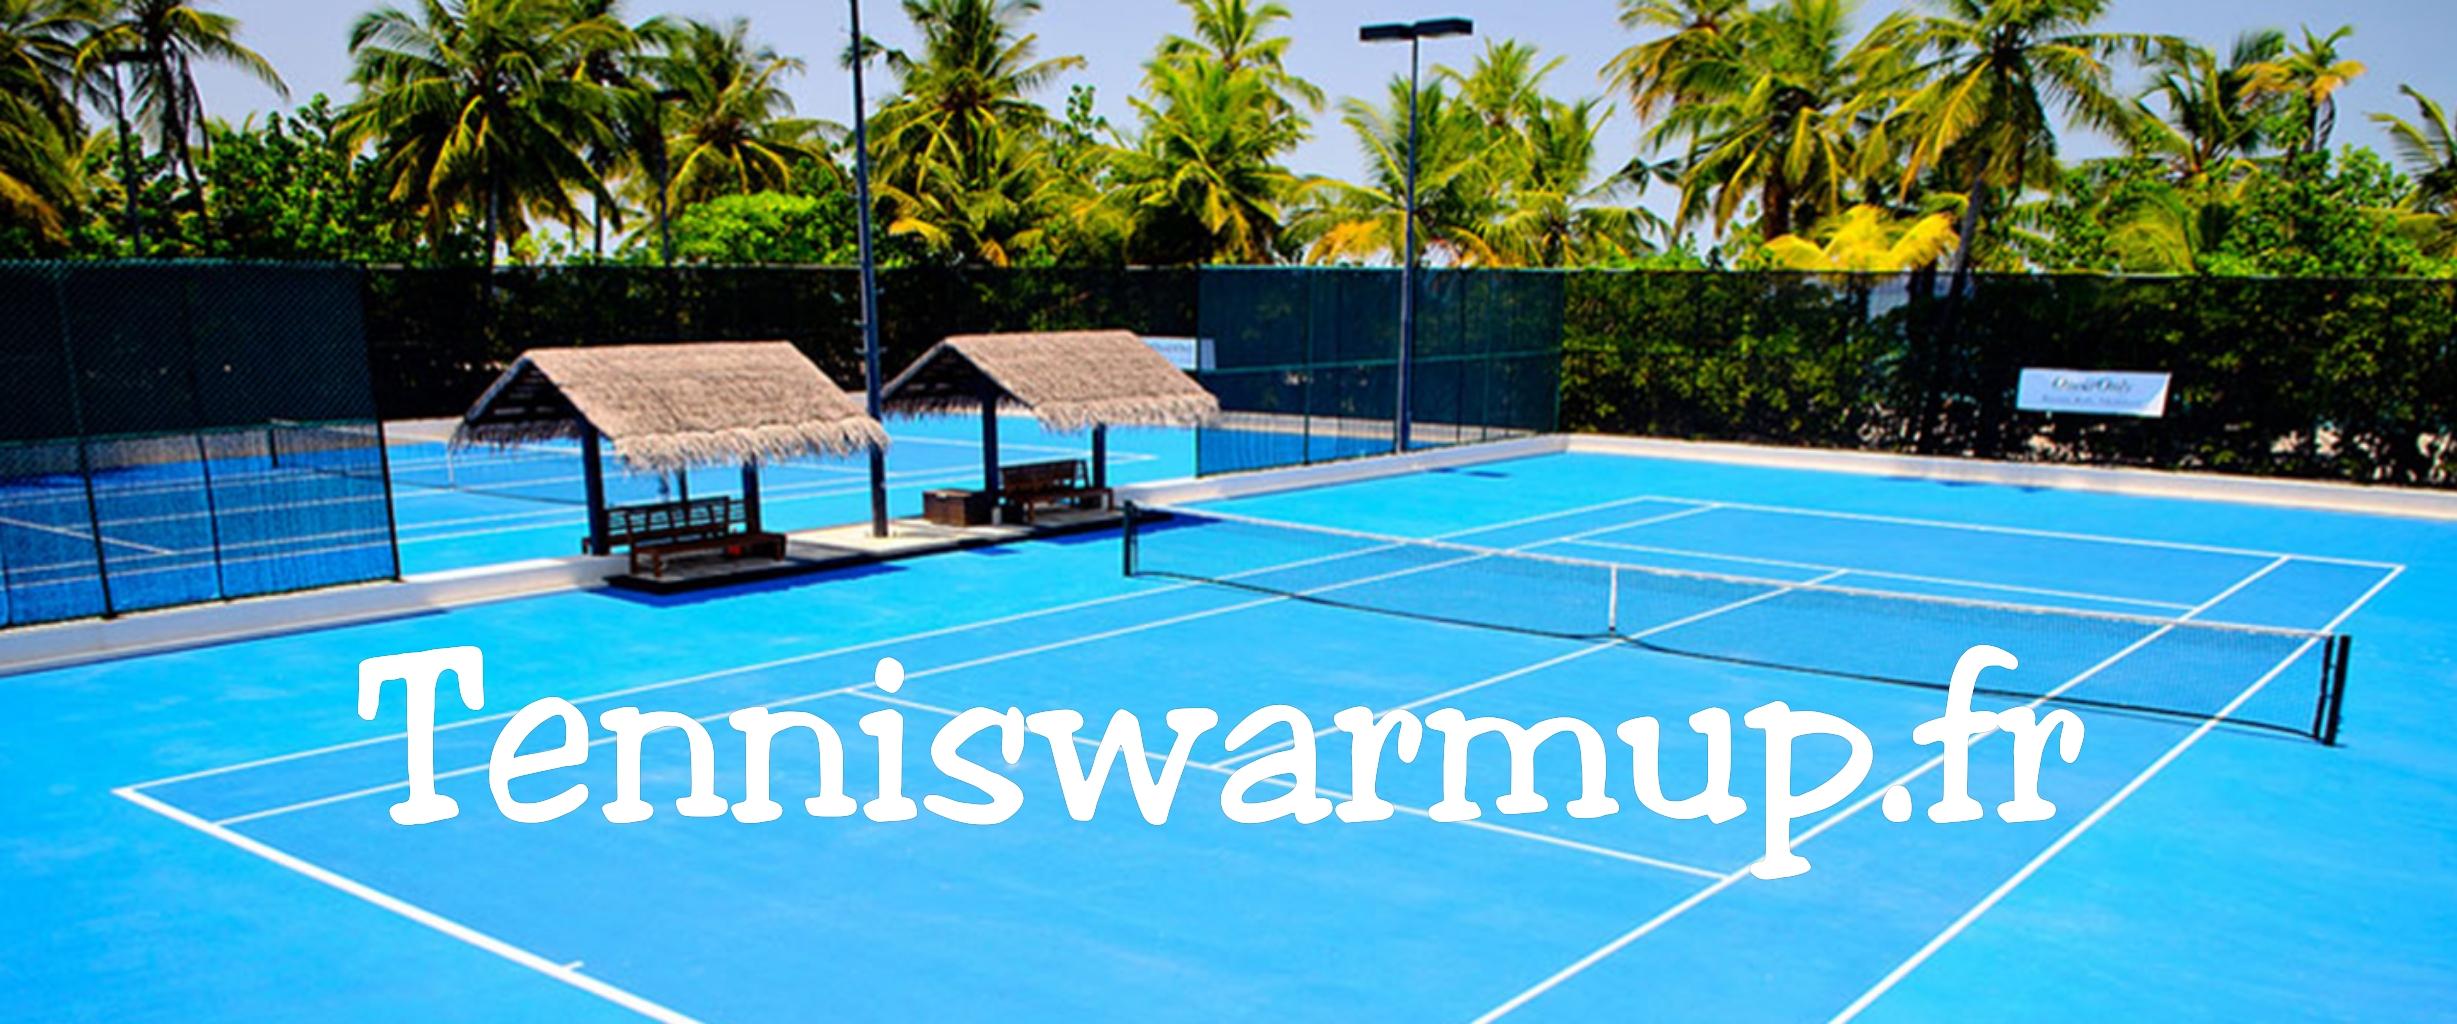 TennisWarmUp.fr